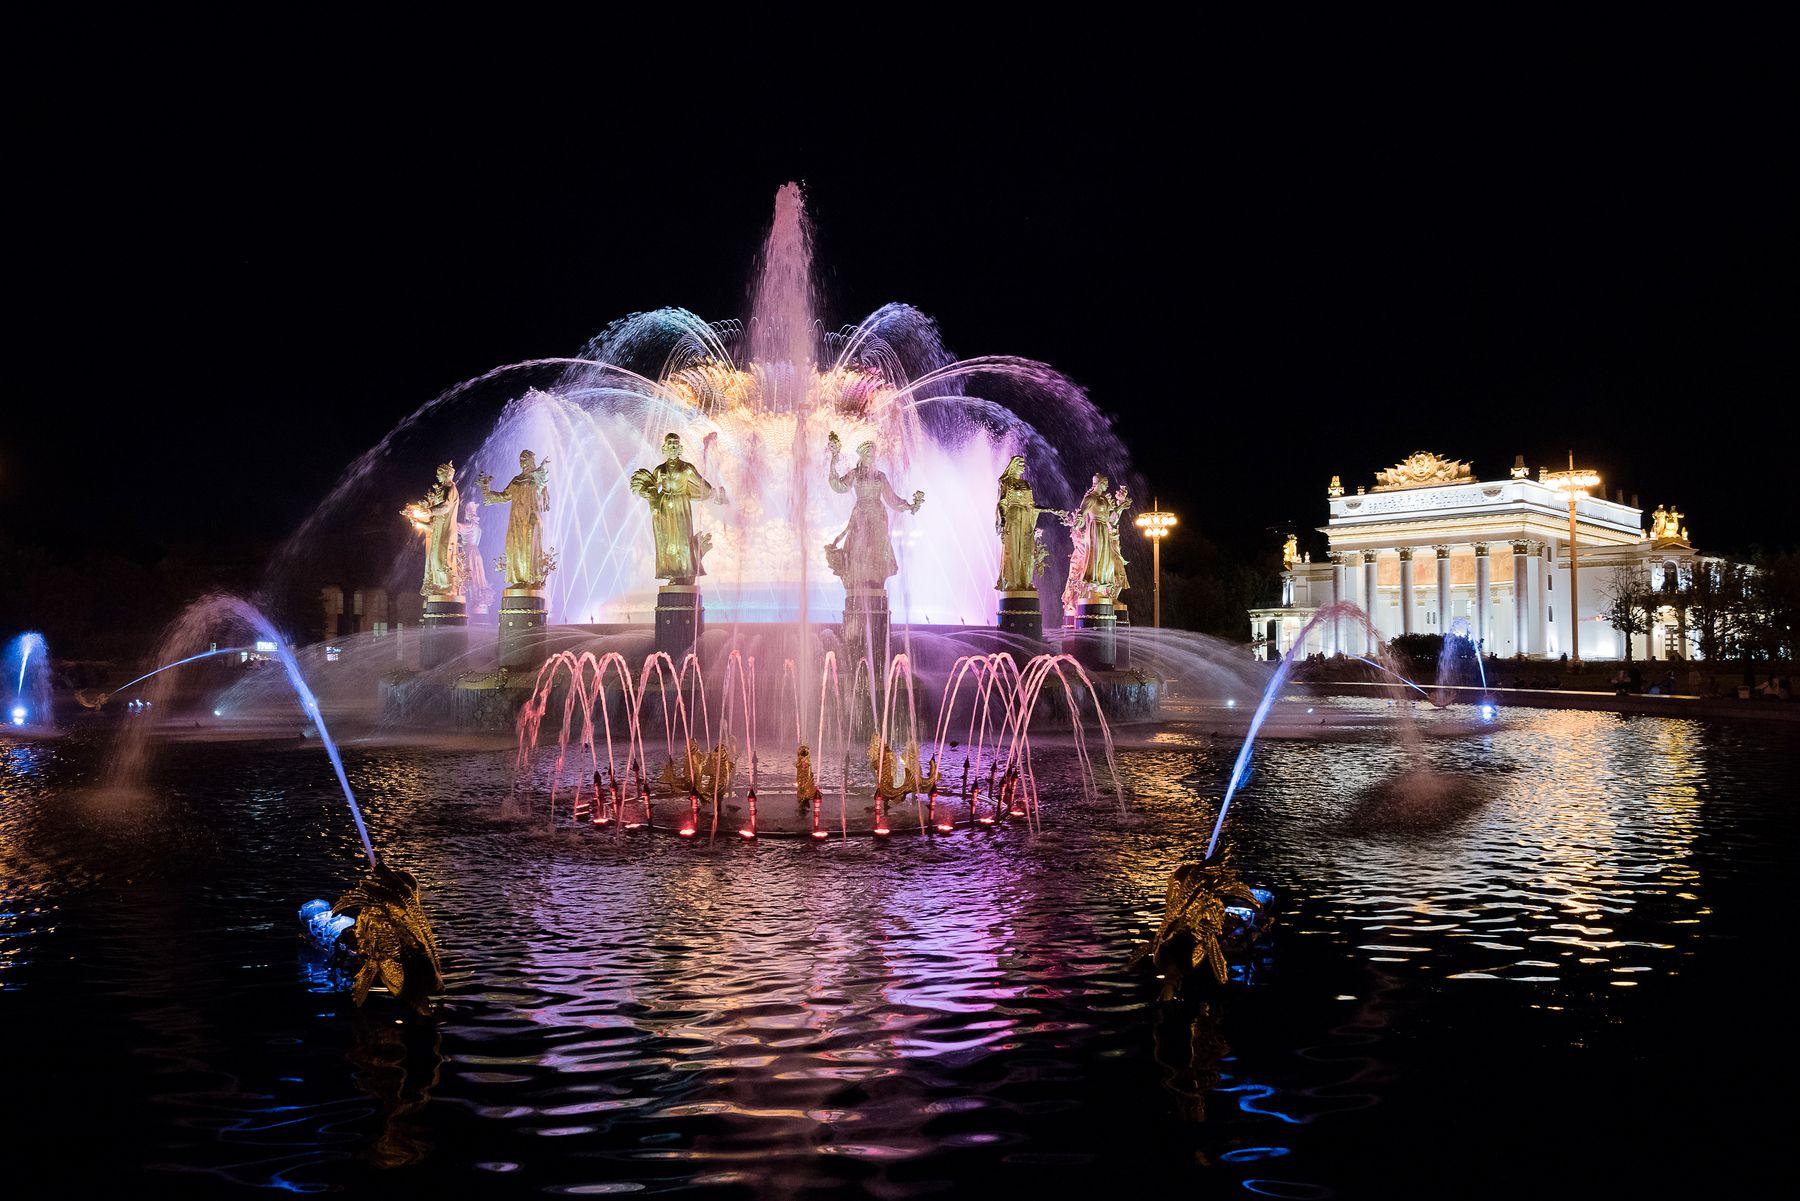 Главный фонтан ВДНХ вднх фонтан дружба народов москва ночь moscow night